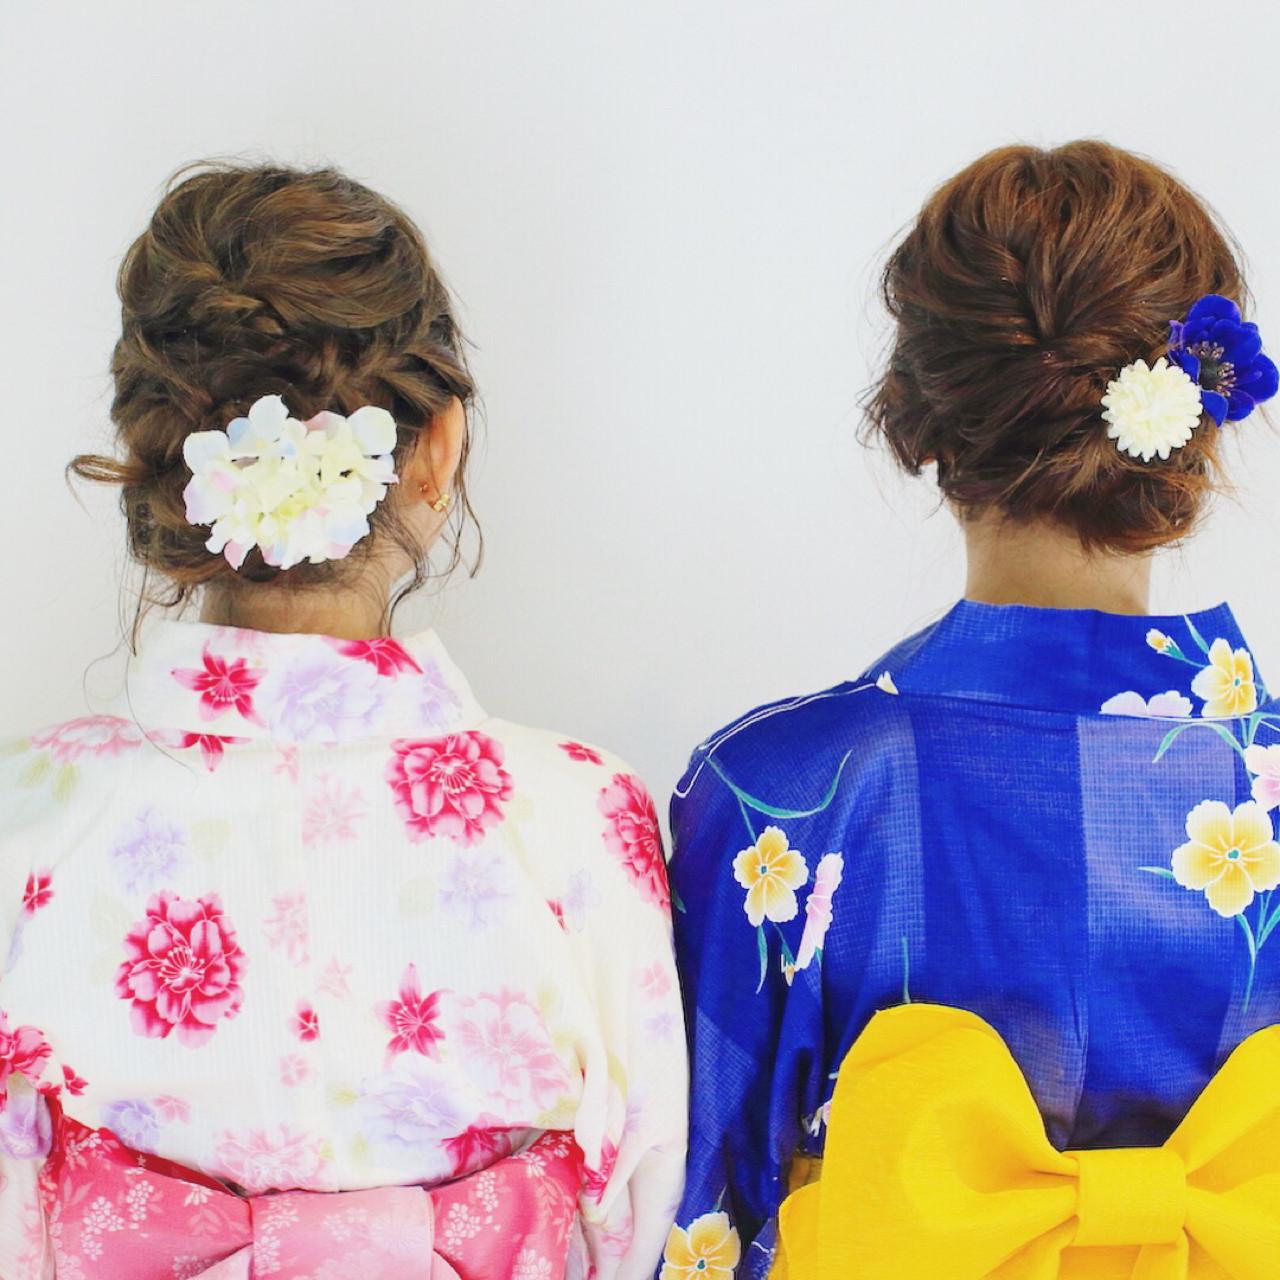 花火大会 デート 夏 セミロング ヘアスタイルや髪型の写真・画像 | 美容師HIRO/Amoute代表 / Amoute/アムティ